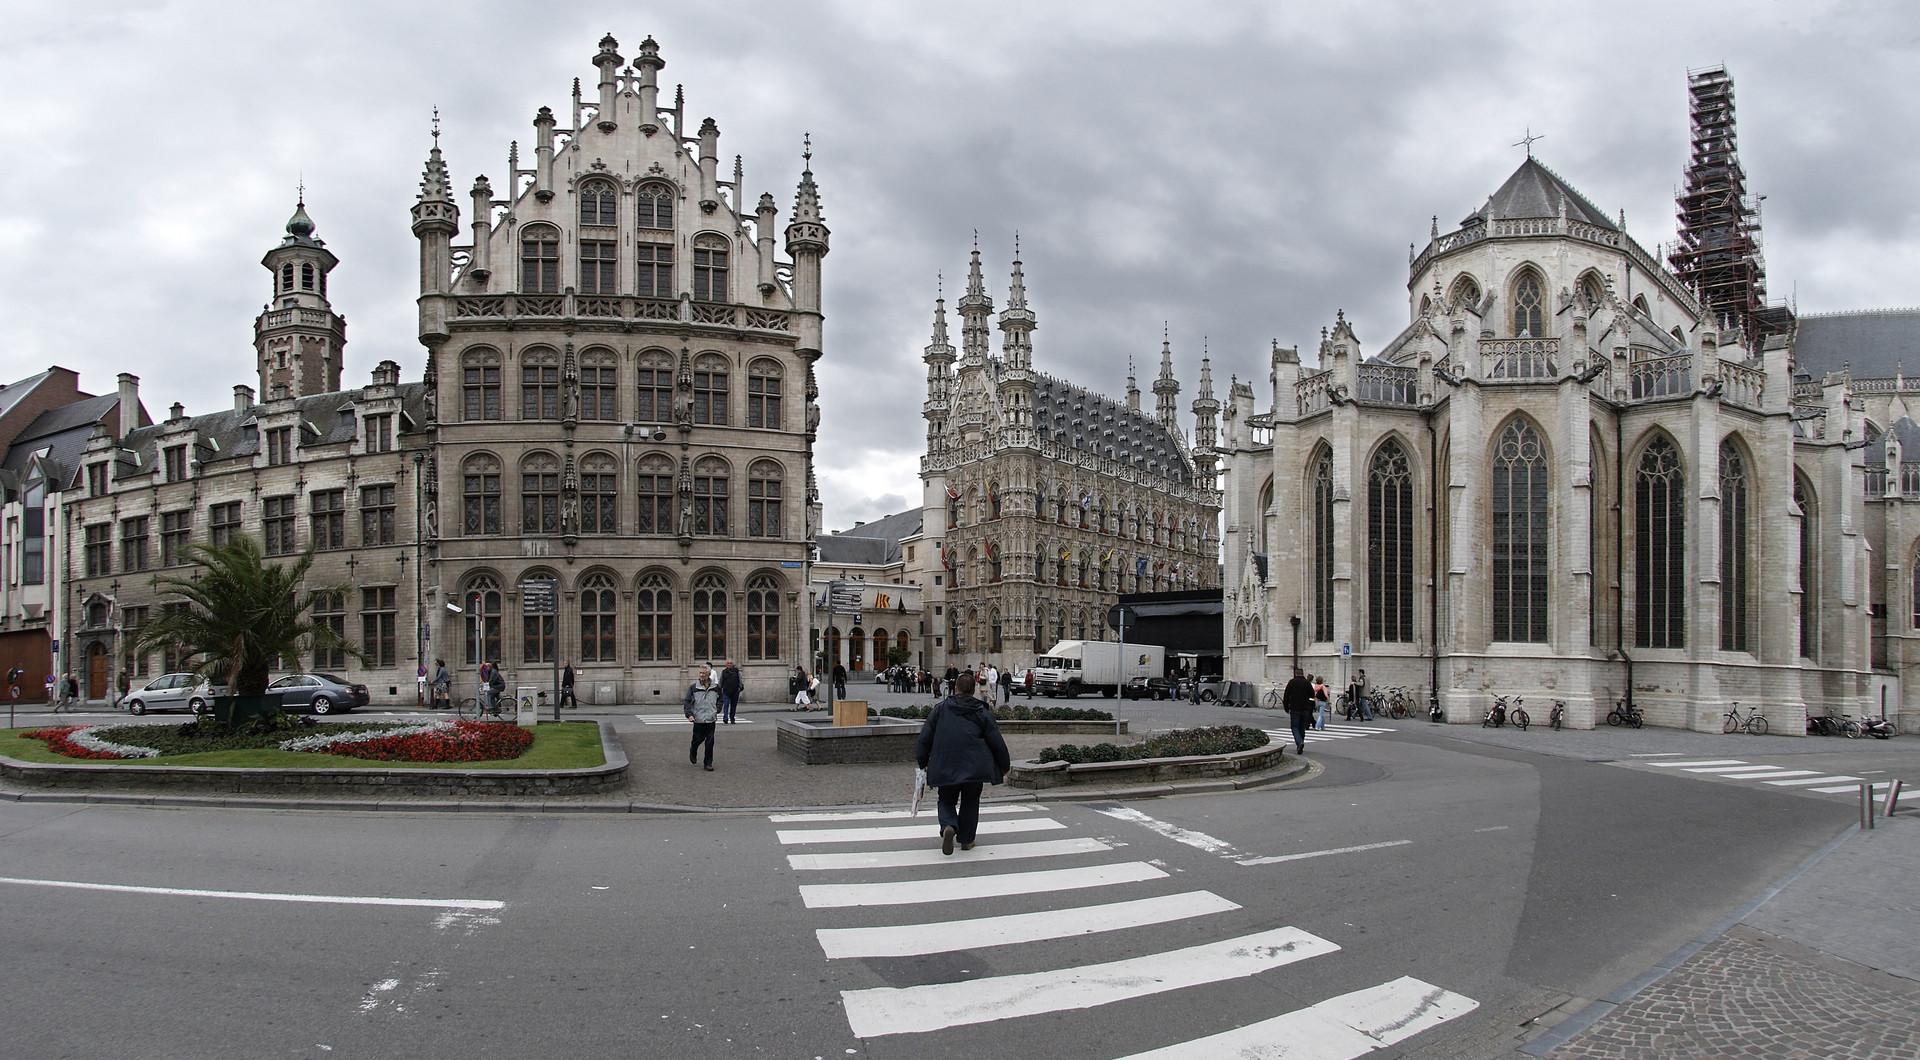 Esperienza Erasmus a Lovanio (Belgio), di Giorgia